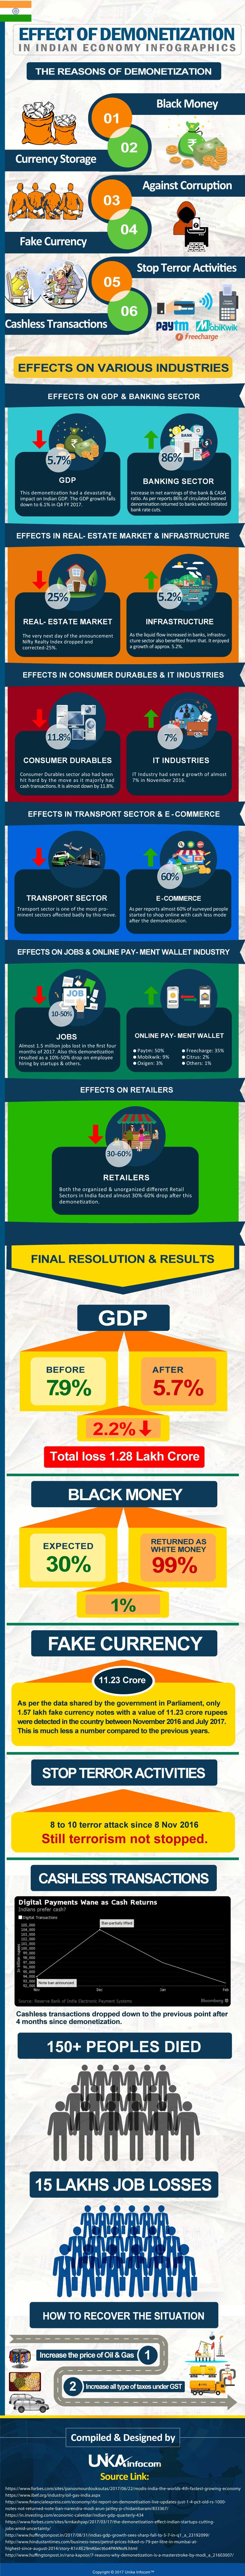 Demonetization Effects on Indian Economy